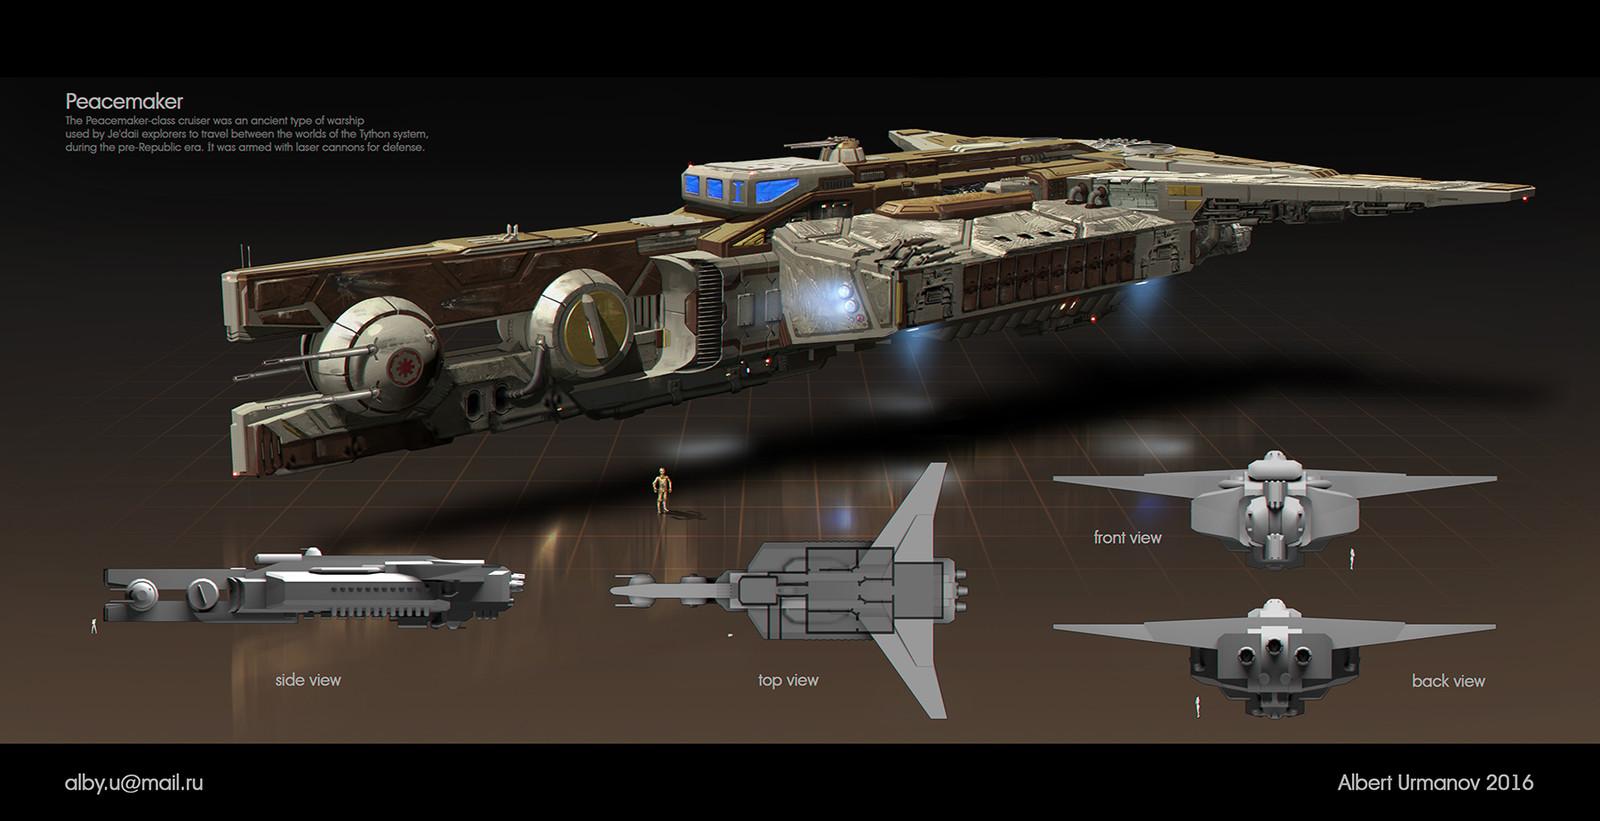 Lanoree's ship